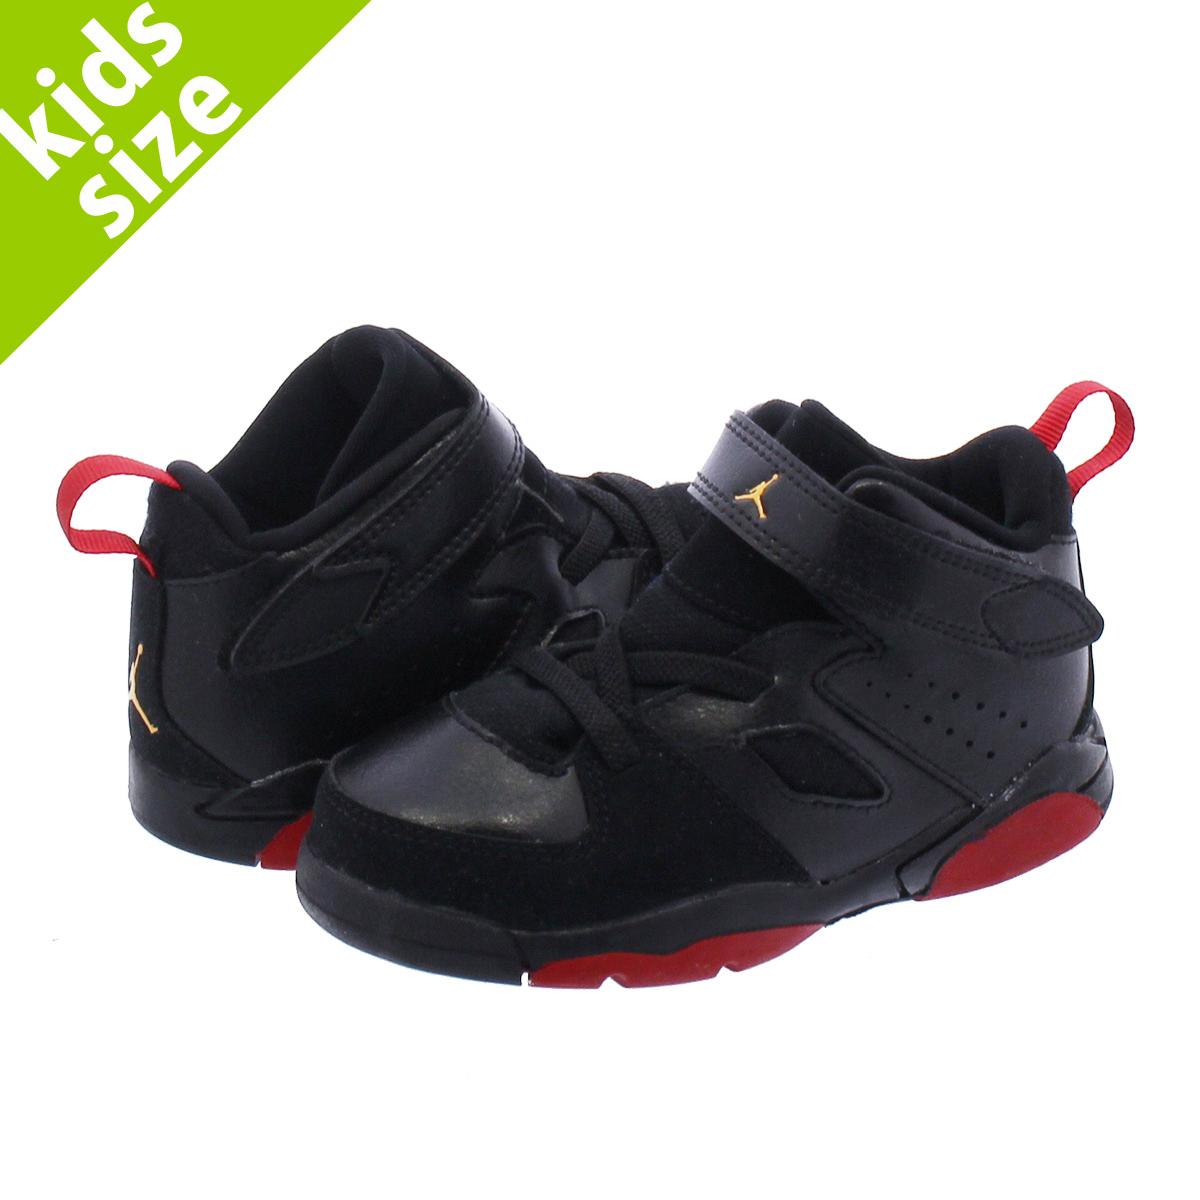 09a2aa79e152c NIKE JORDAN FLIGHT CLUB 91 TD Nike Jordan flight club 91 TD BLACK RED  555